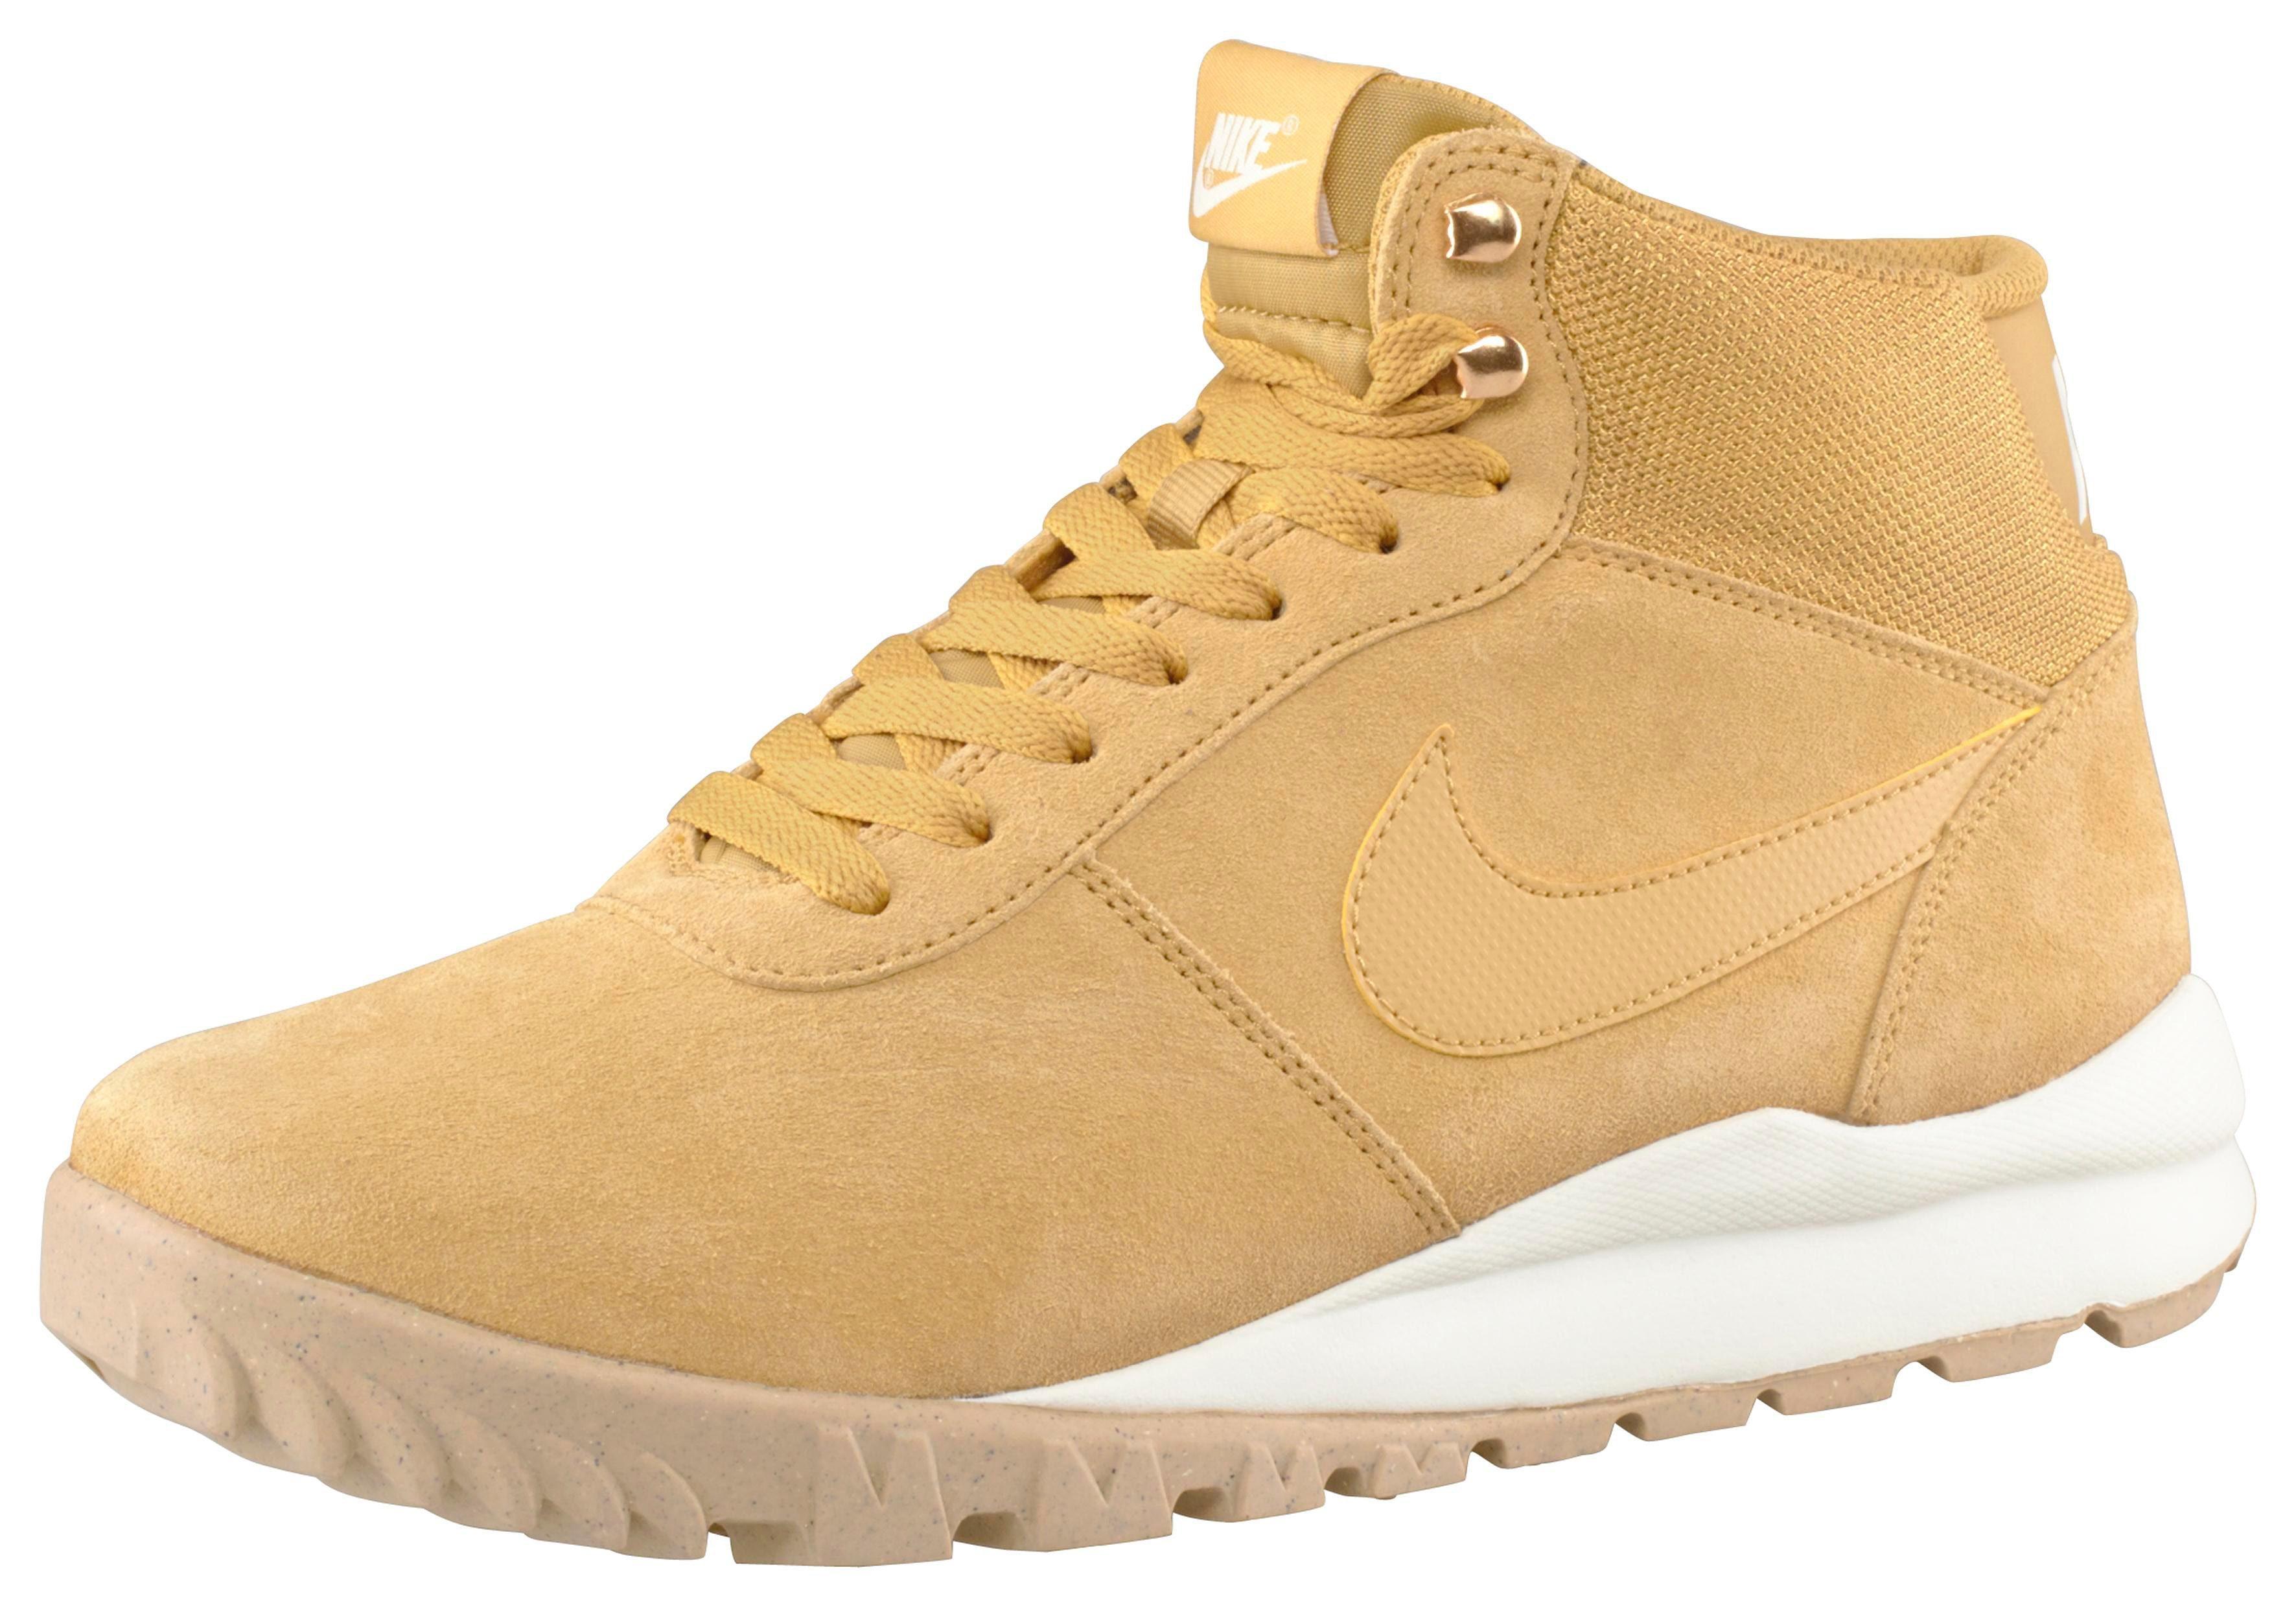 Nike Sportswear »Hoodland Suede« Sneaker kaufen | OTTO